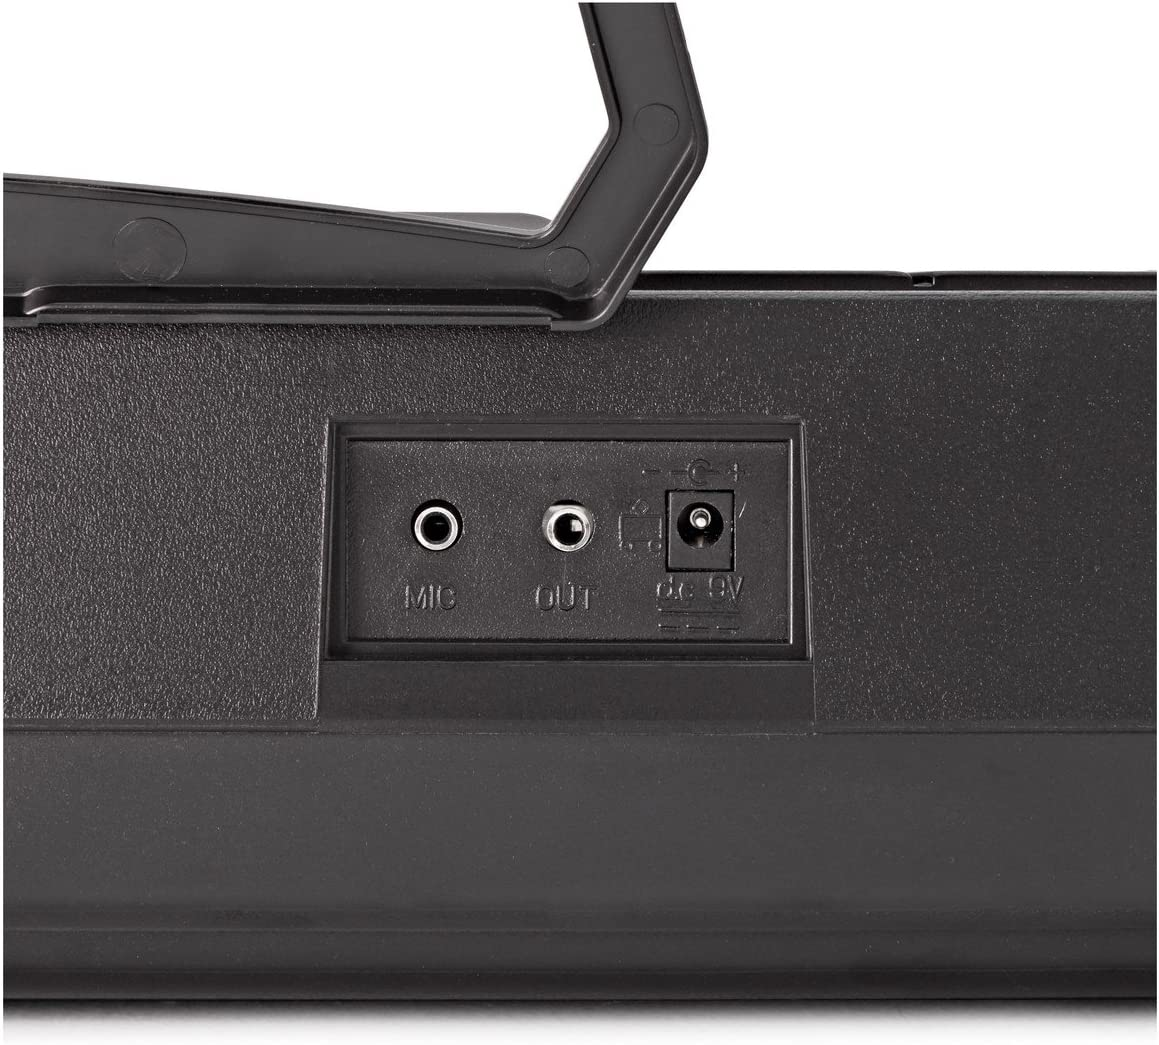 Teclado Portatil de 54 Teclas MK-2000 de Gear4music: Amazon.es ...